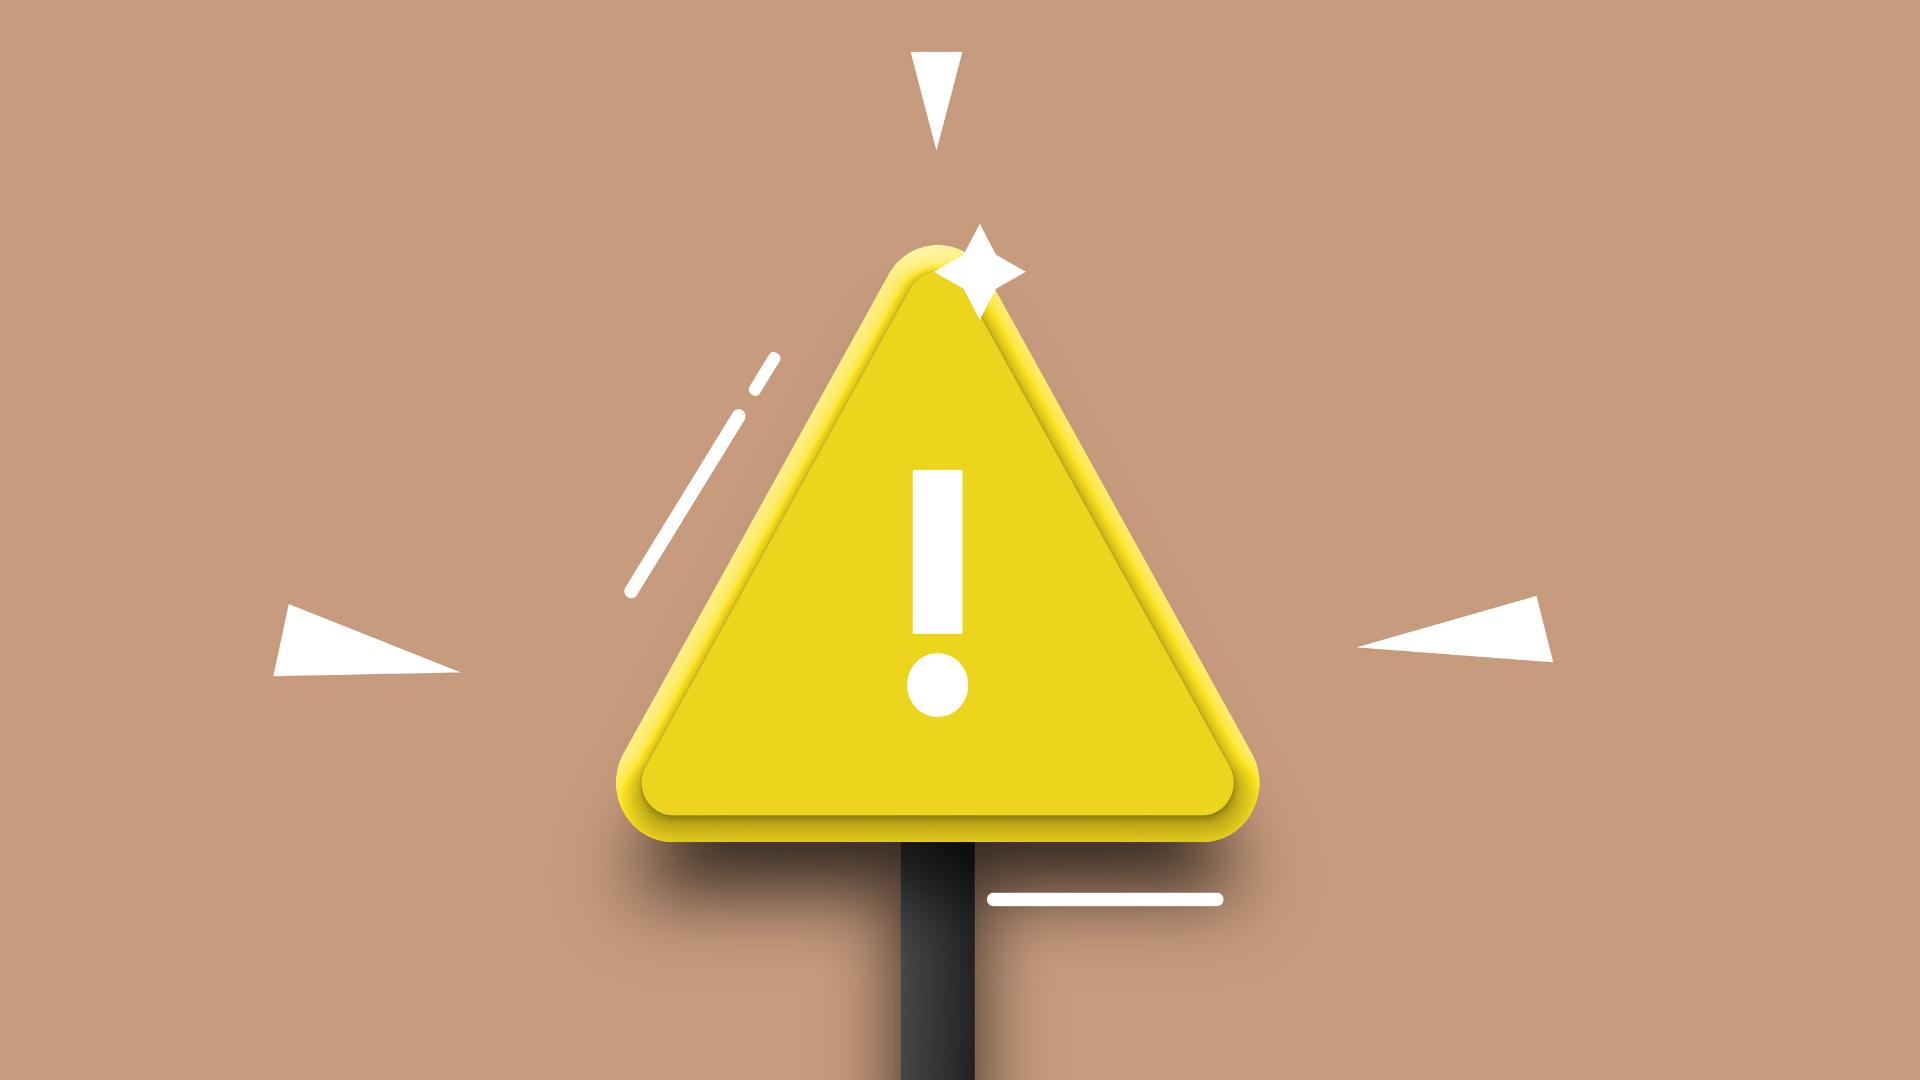 Cuidado: Compliance Não é Advocacia Preventiva